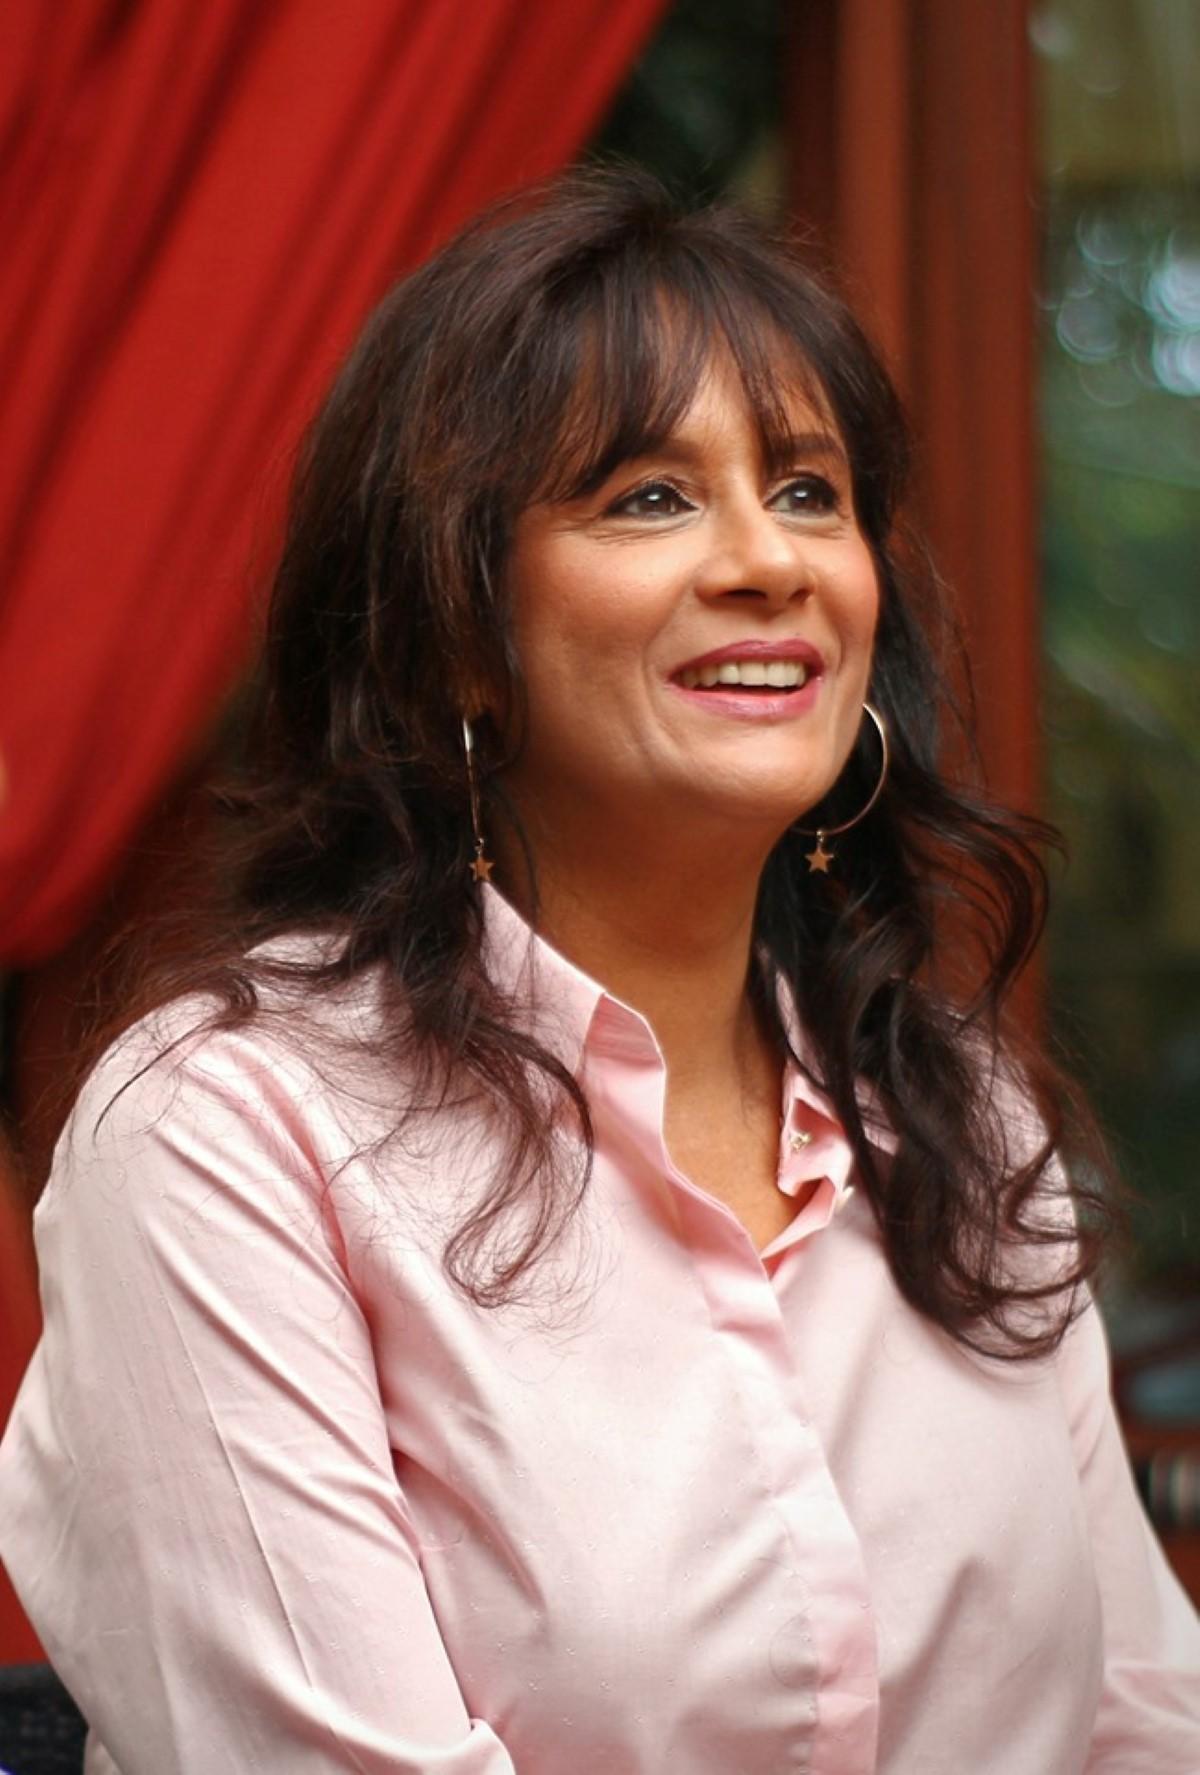 [Législatives 2019] Veena Ramgoolam affiche son soutien à son époux, candidat pour le poste de Premier ministre